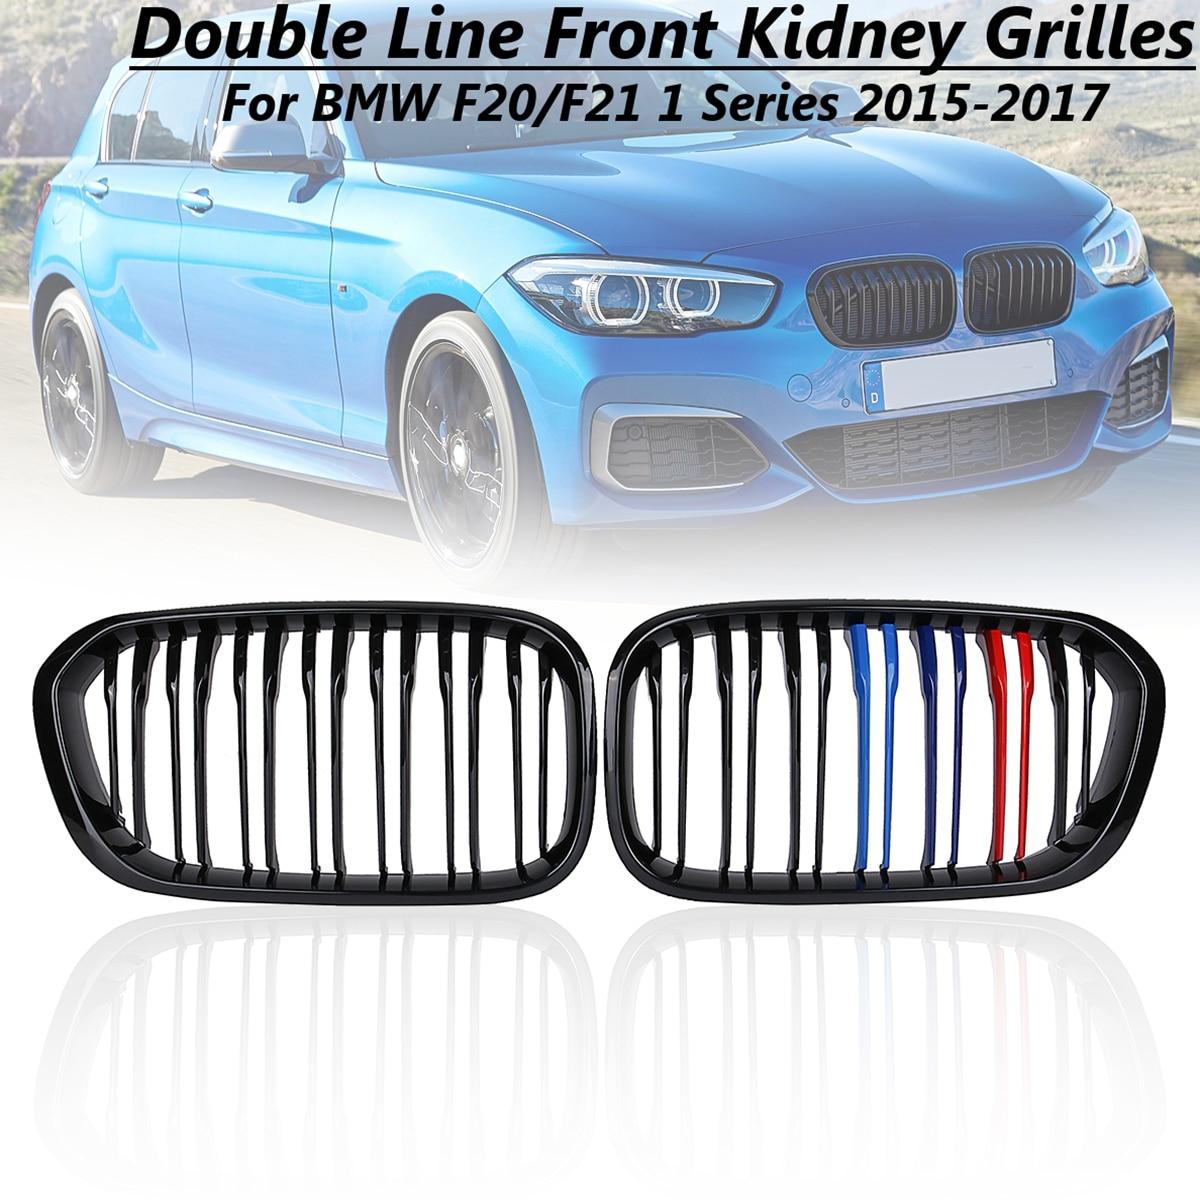 Pare-chocs avant de voiture noir brillant m-couleur pour Modification Grilles de rein style de voiture pour BMW F21 F21 1 2015 2016 2017 2 lattes